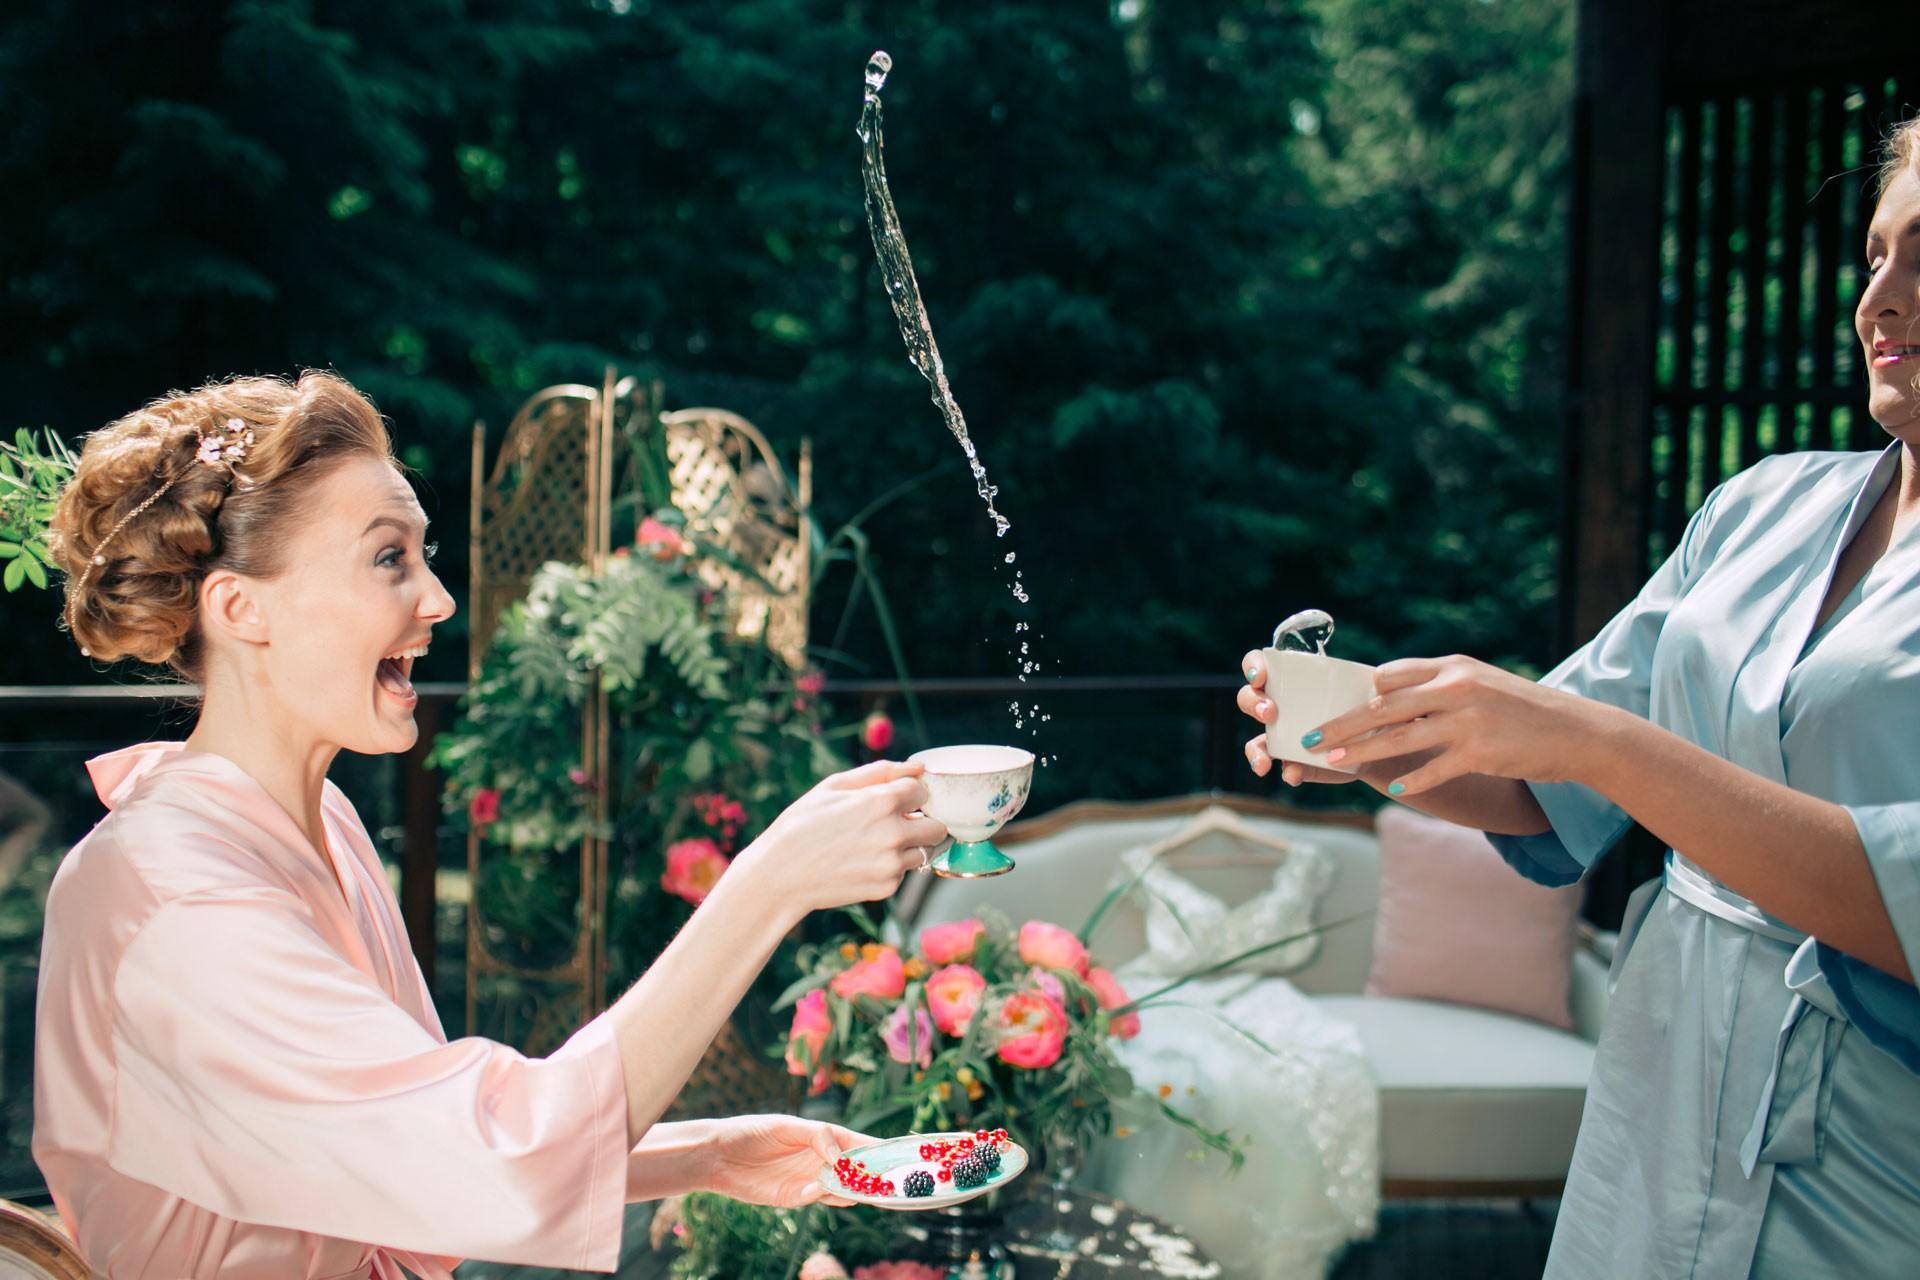 Лилия Горланова: 10 советов невестам от свадебного фотографа и организатора фото 8